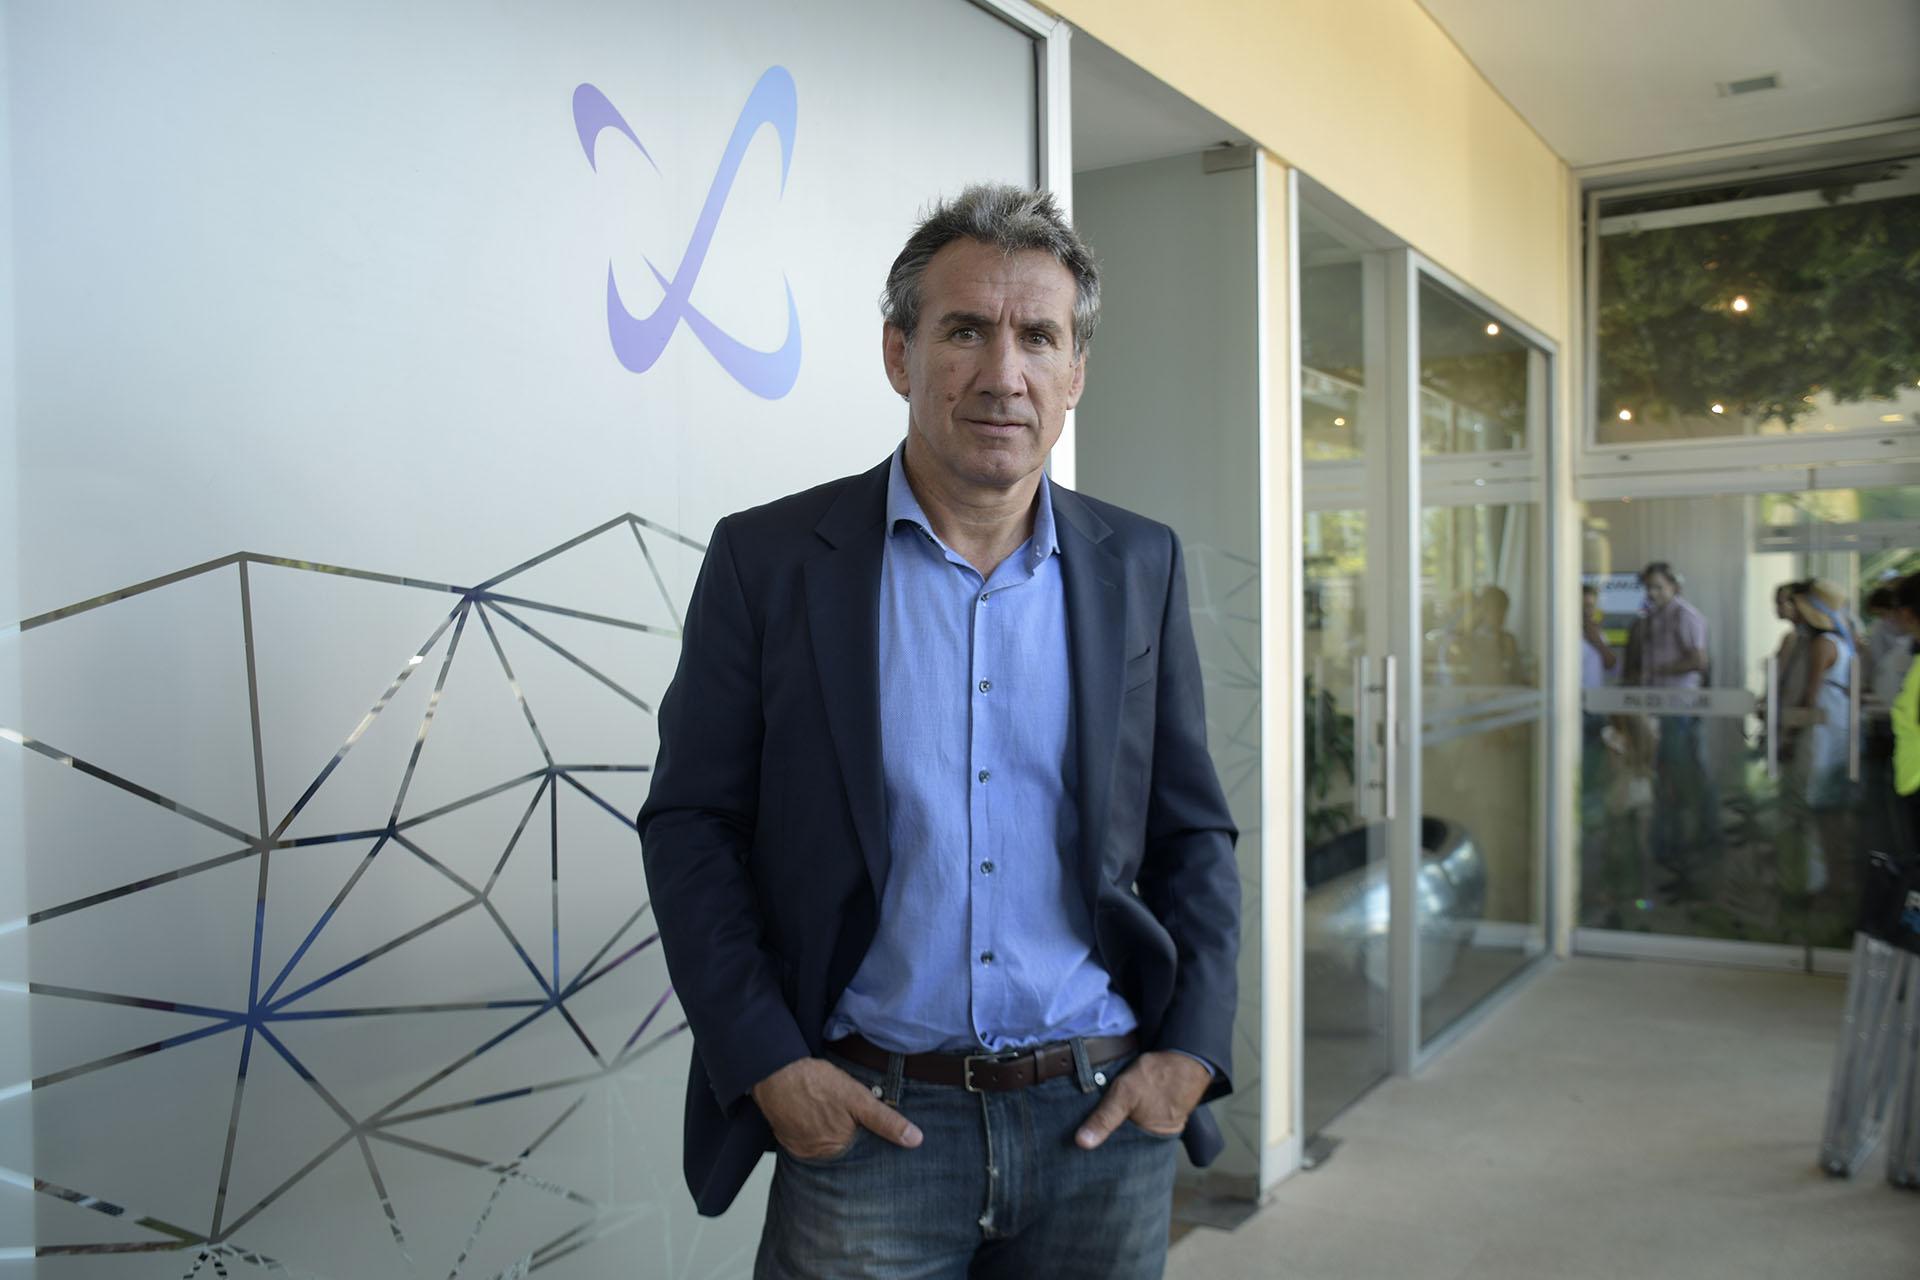 Rafael Cúneo Libarona, consejero y presidente de la comisión de disciplina de la Asociación Argentina de Polo